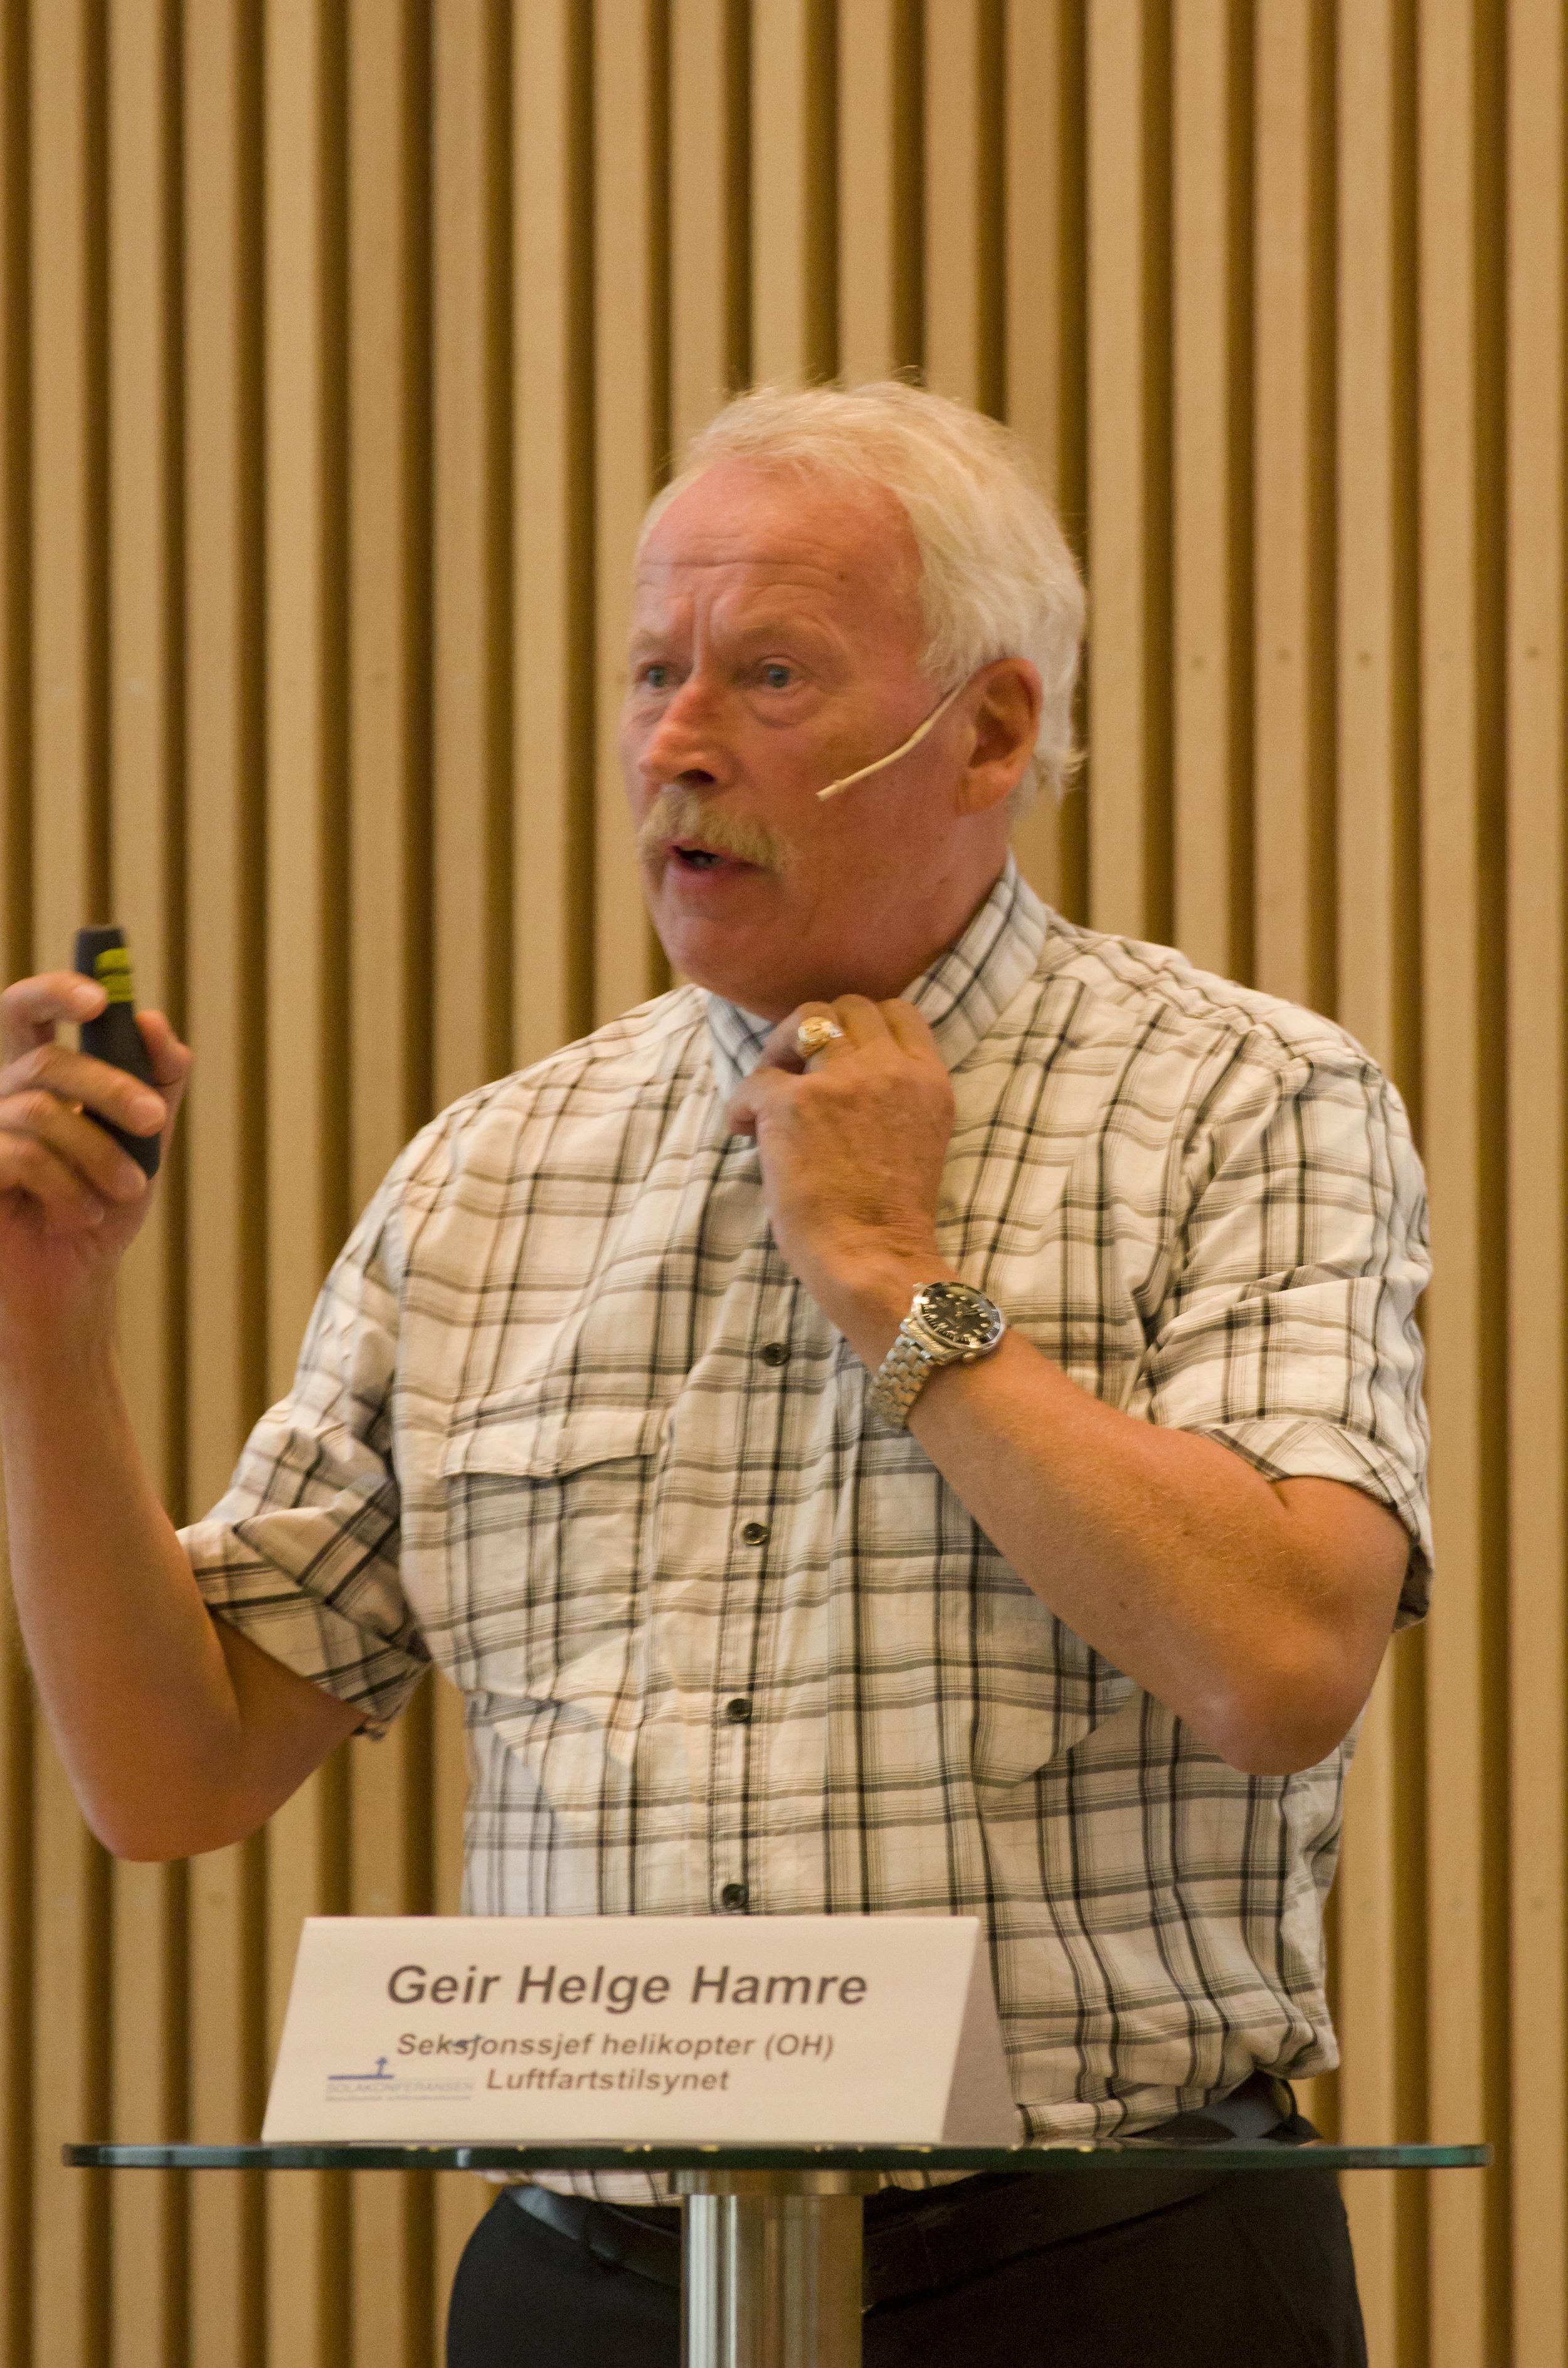 Geir Helge Hamre (1).JPG